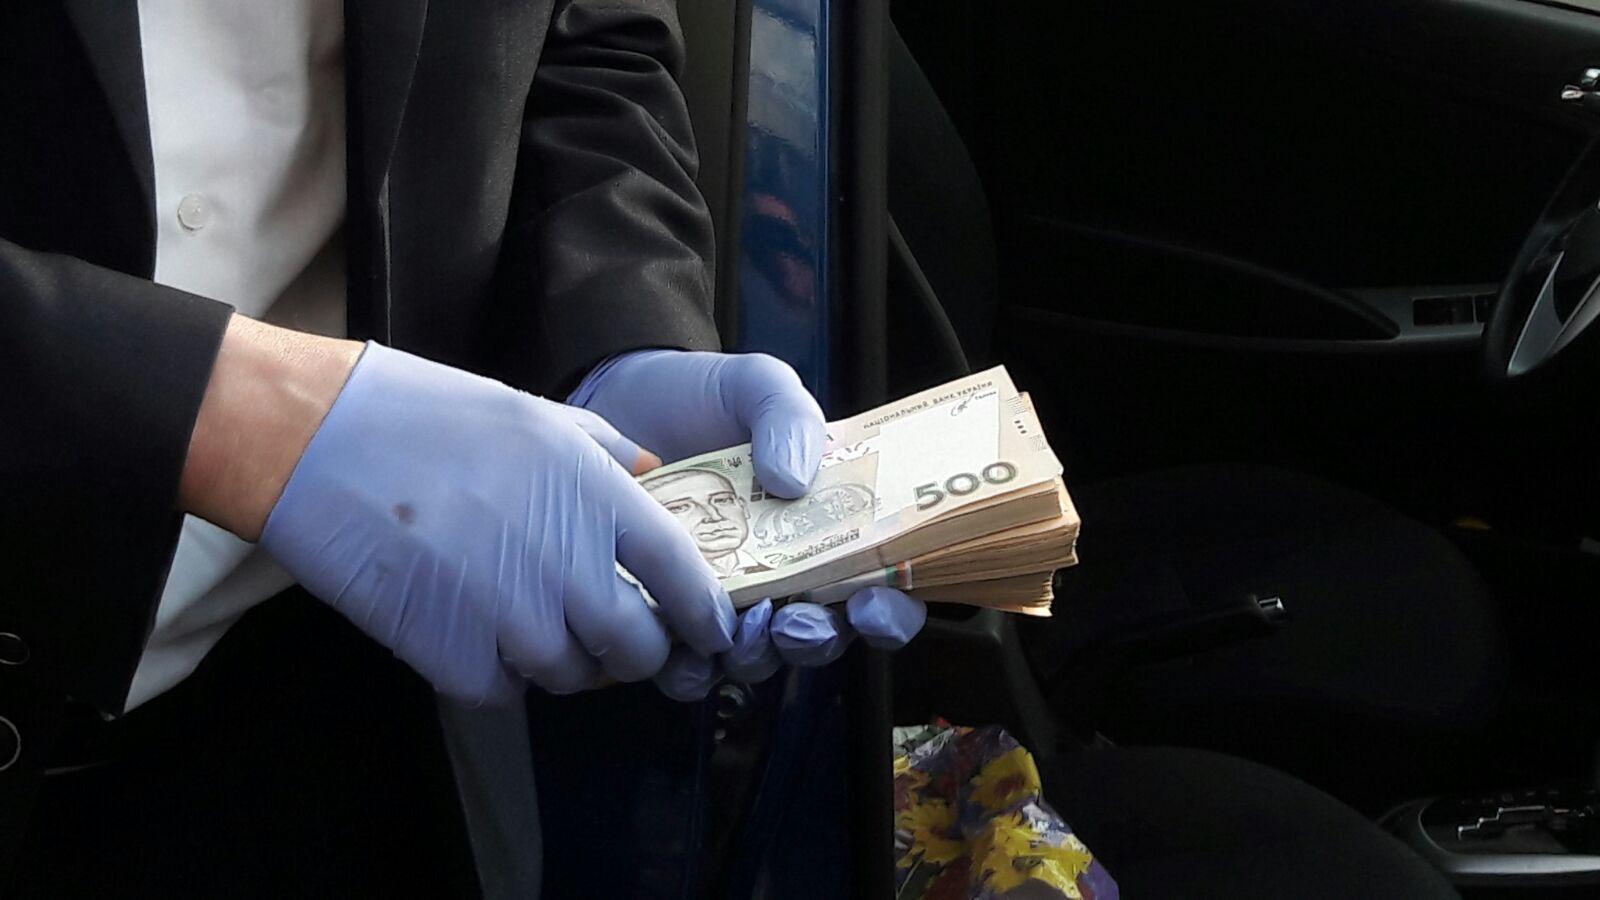 Тысячи убитых и миллиардные потери: за сколько продали Донбасс?